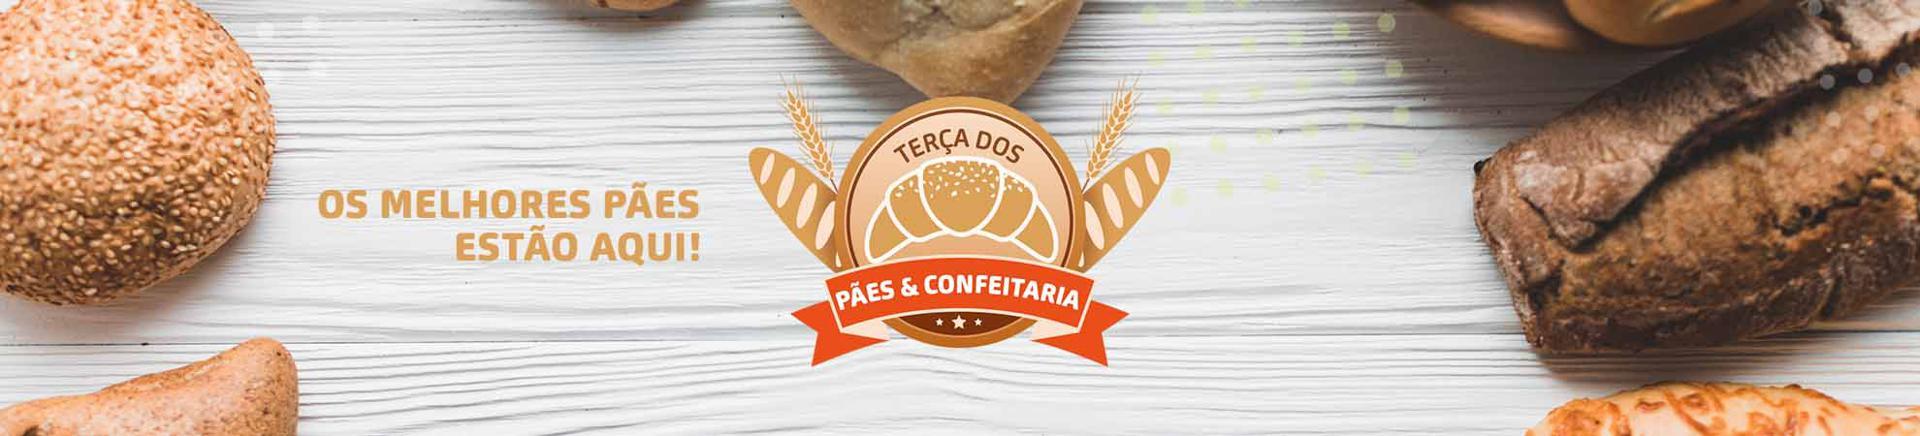 terça pão